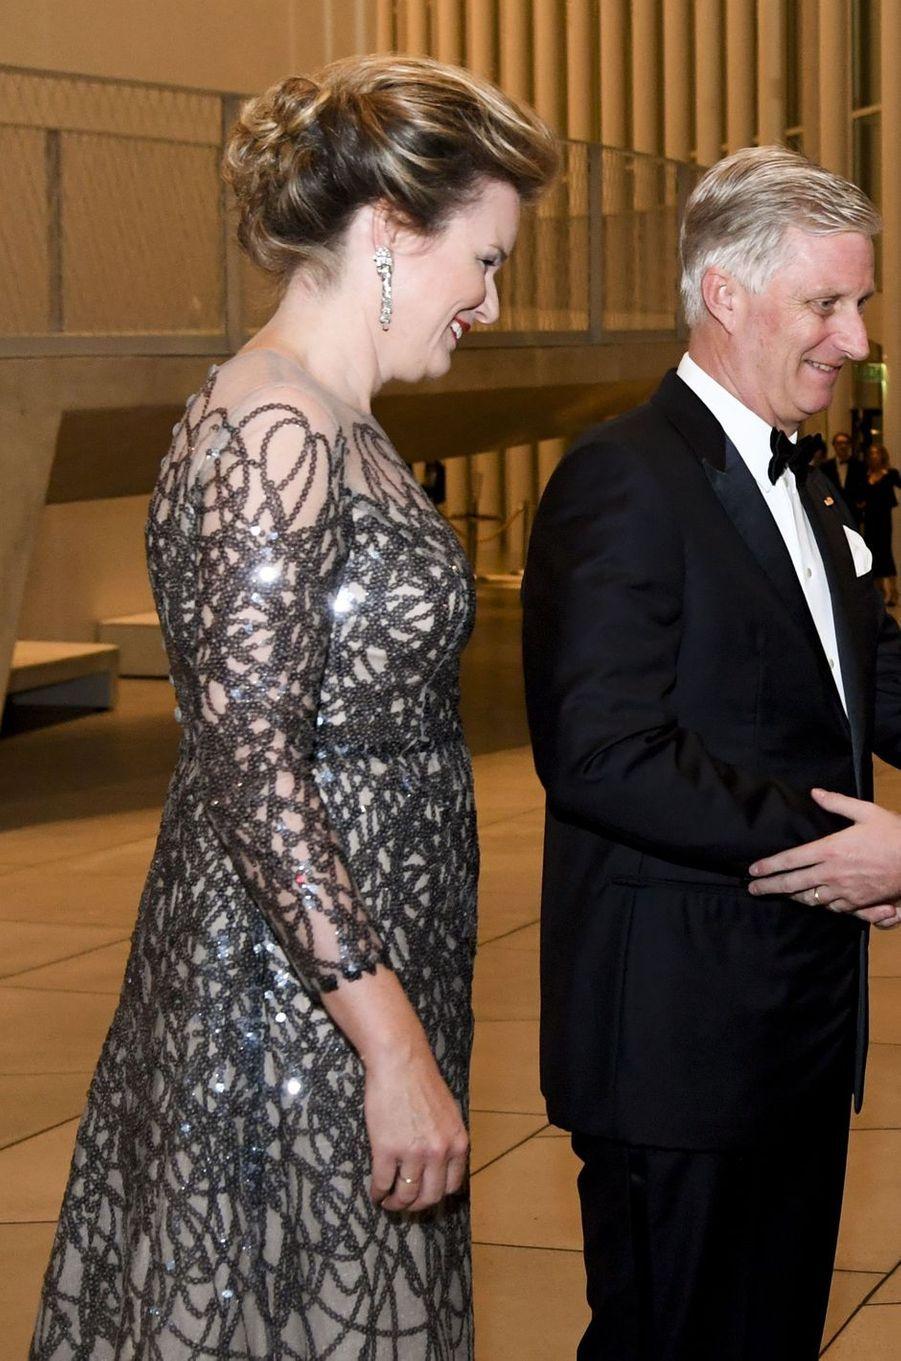 La reine Mathilde de Belgique, le 16 octobre 2019 à Luxembourg